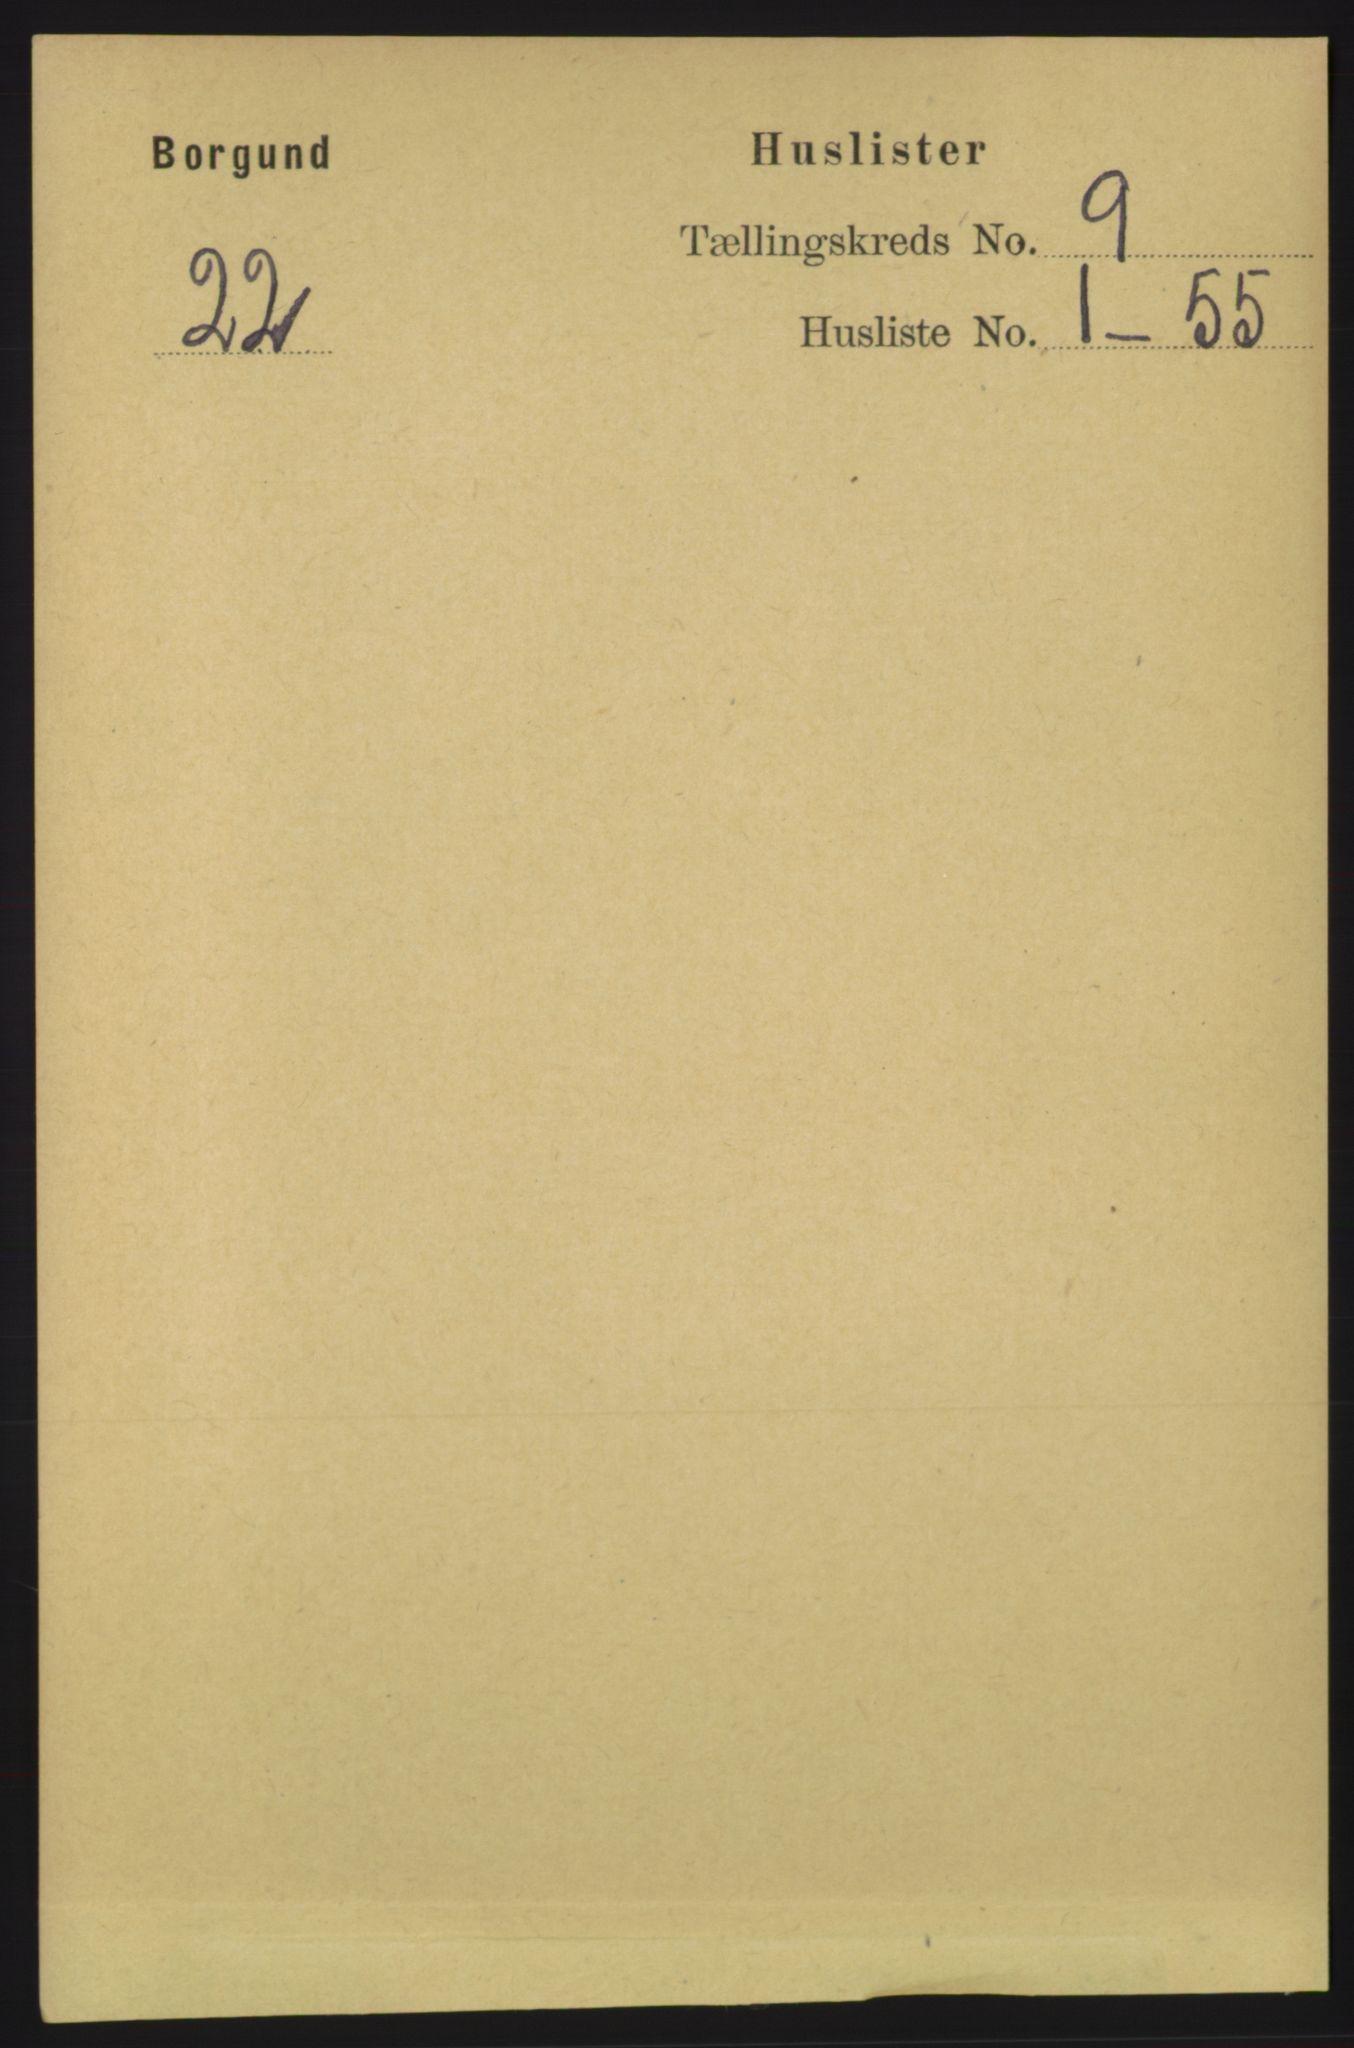 RA, Folketelling 1891 for 1531 Borgund herred, 1891, s. 2214